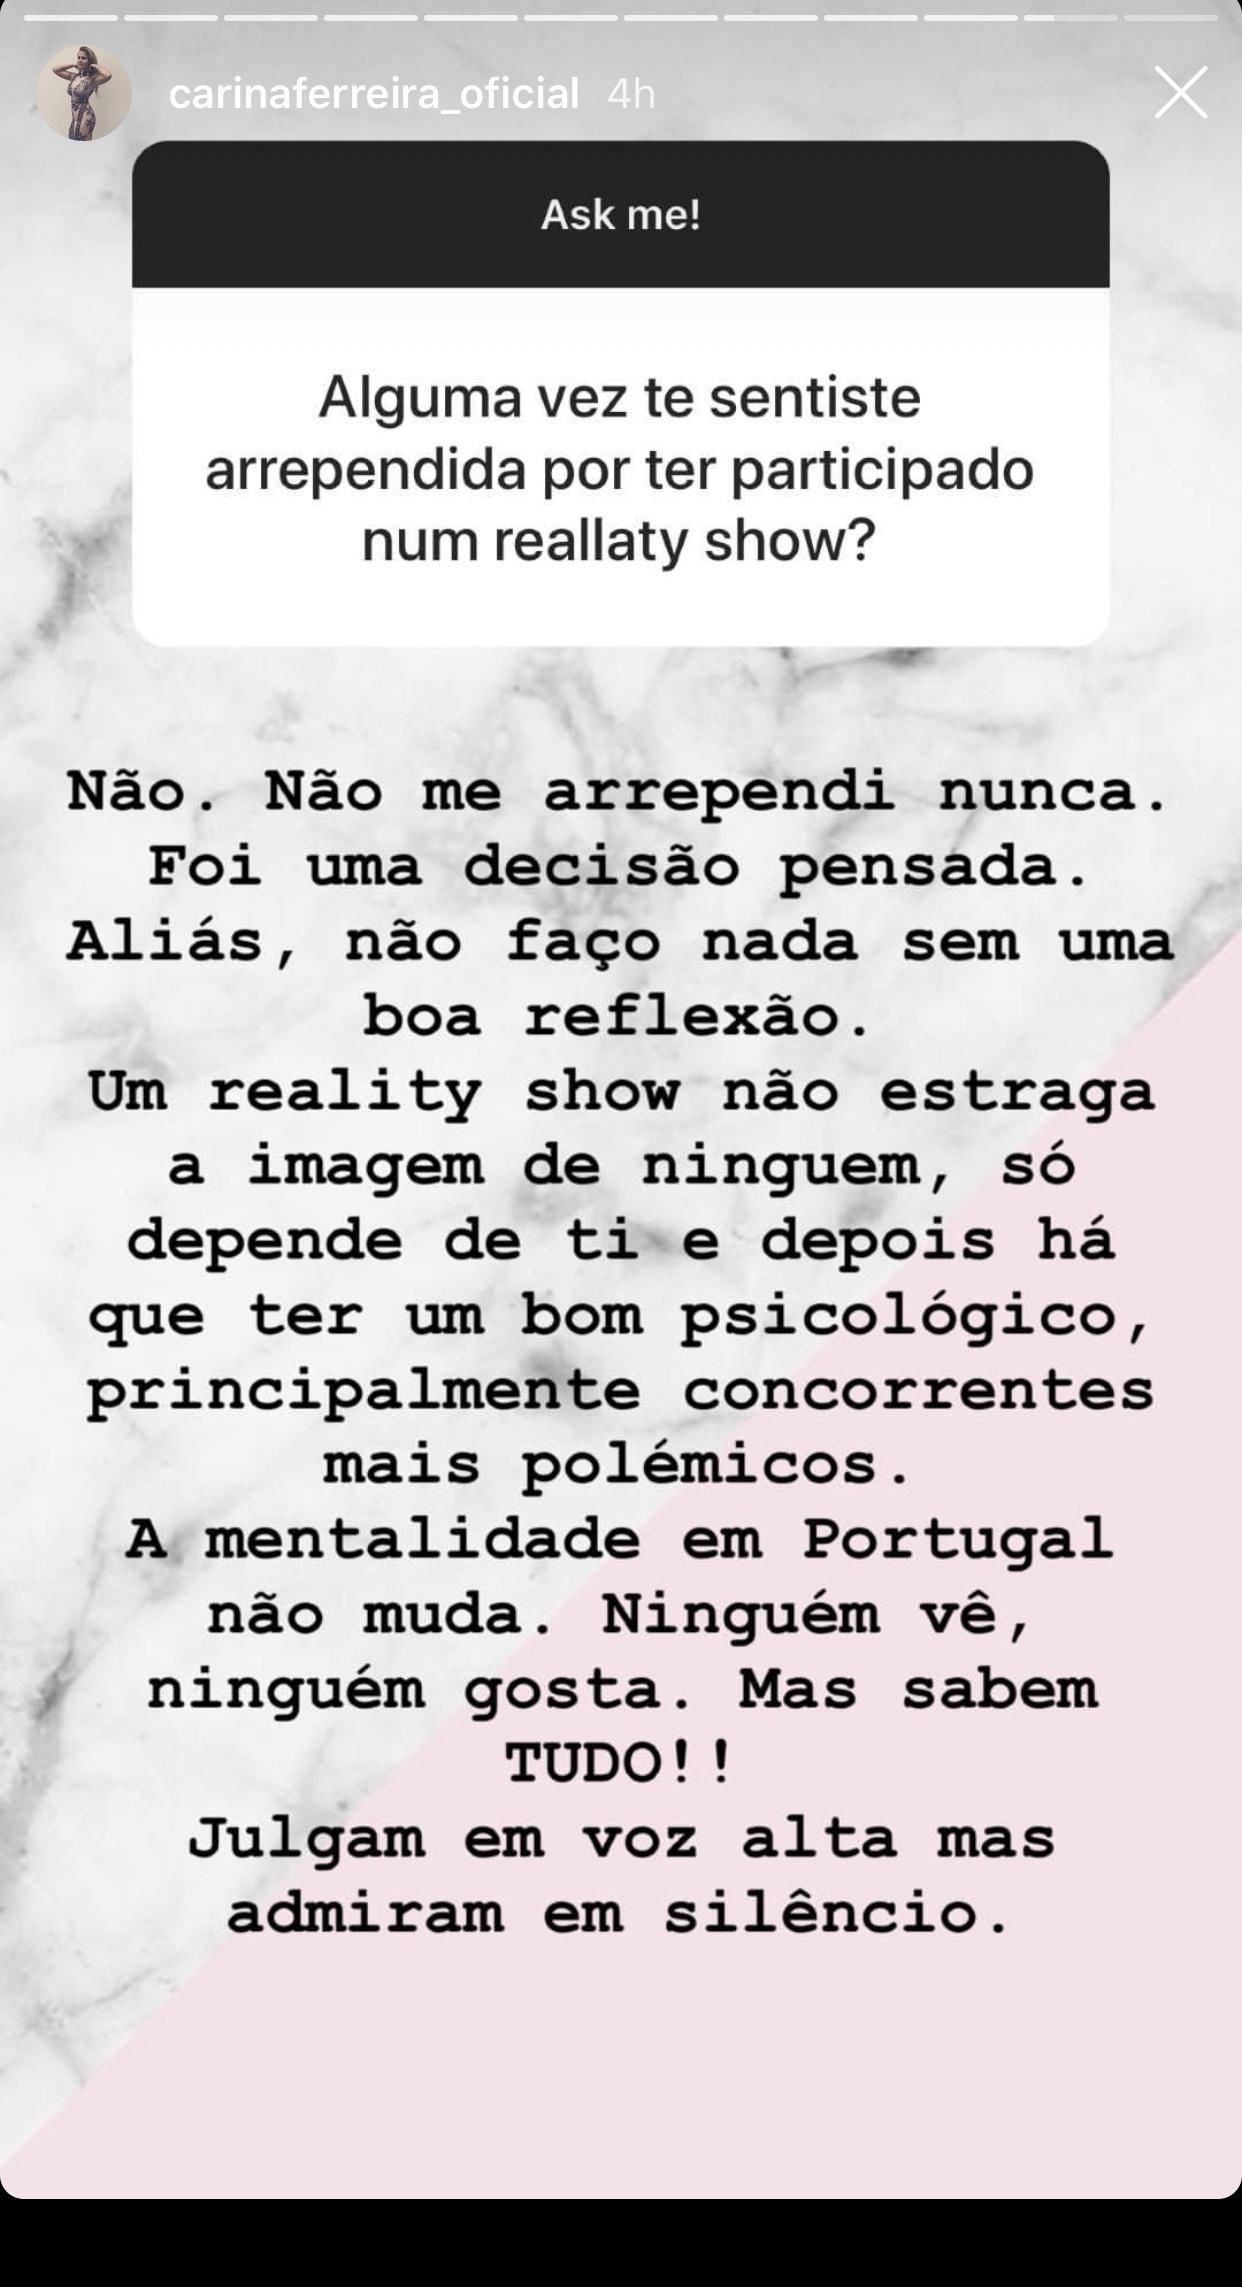 Carina Ferreira Reality Shows Carina Ferreira: &Quot;Reality Show Não Estraga A Imagem De Ninguém&Quot;